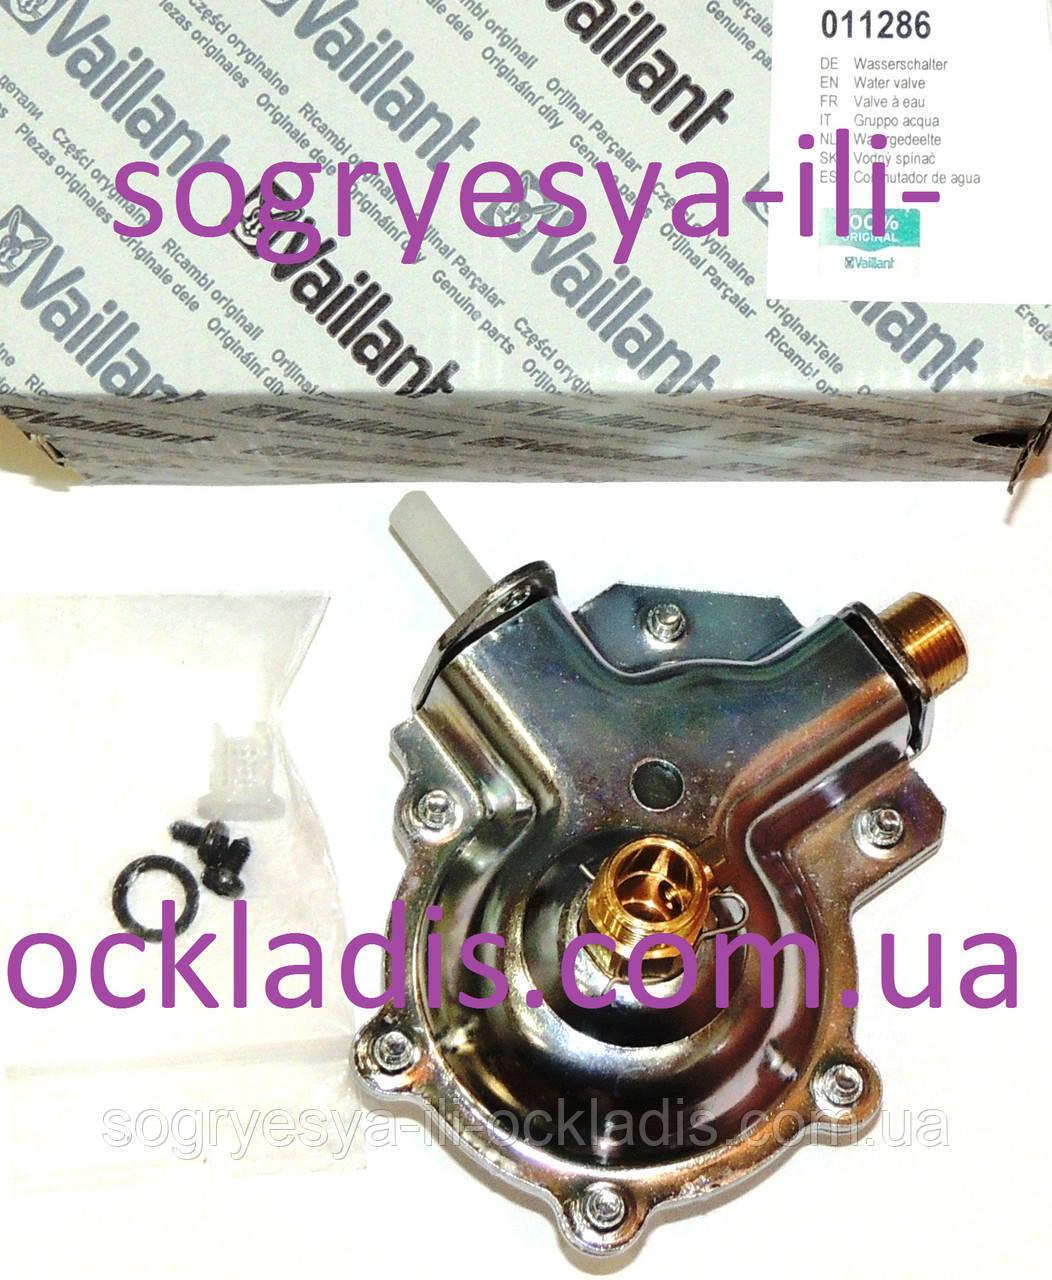 Блок водяной алюминевый в сборе (фир.уп, EU) колонок Vaillant MAG Pro OE 11-0/0-3, 19/2, арт.011286, к.з.1830